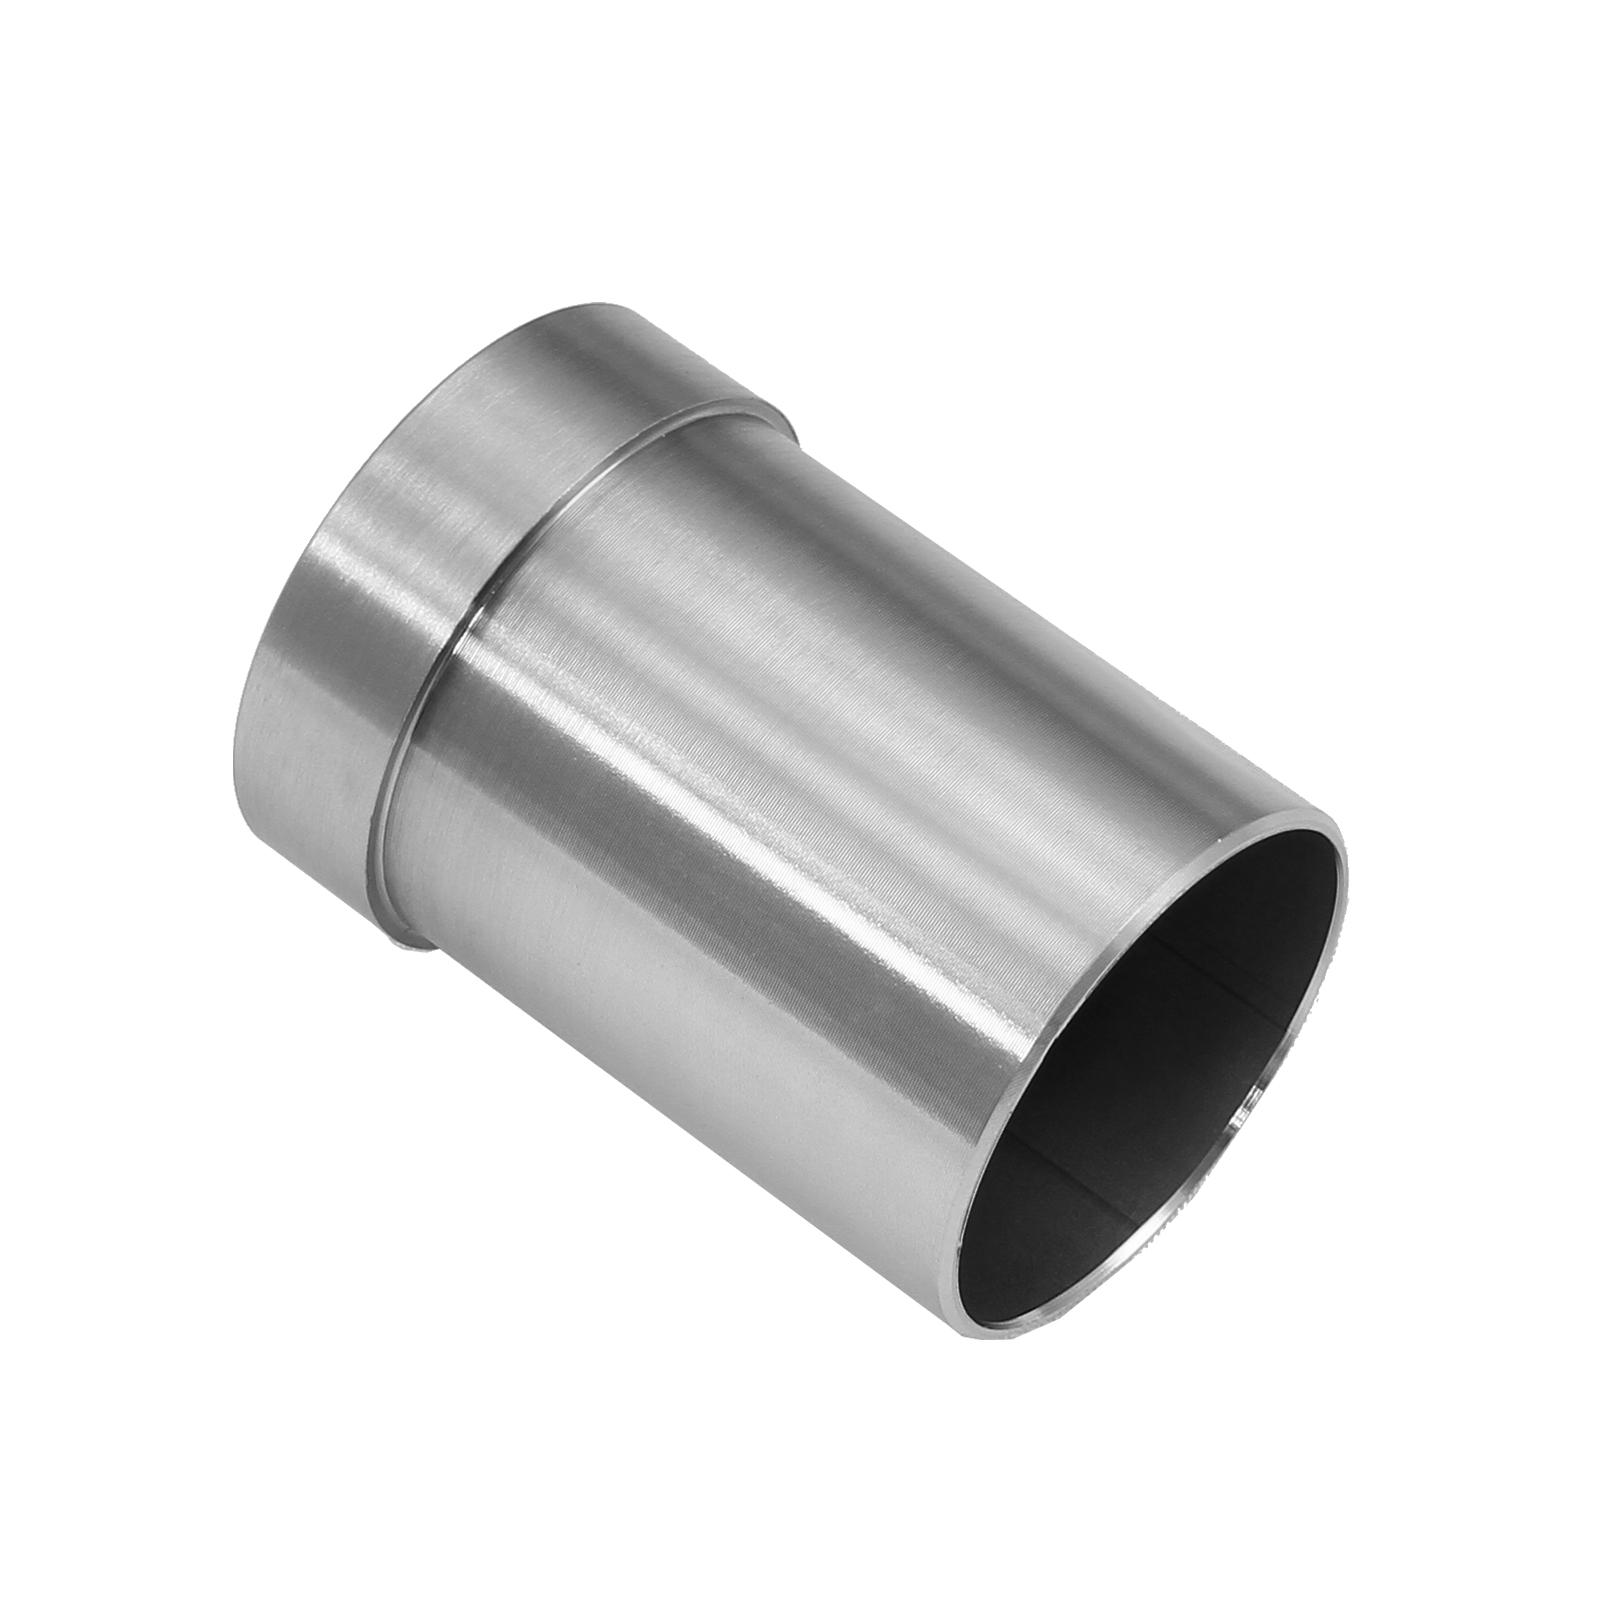 Handrail end cap mm circular stainless steel metal